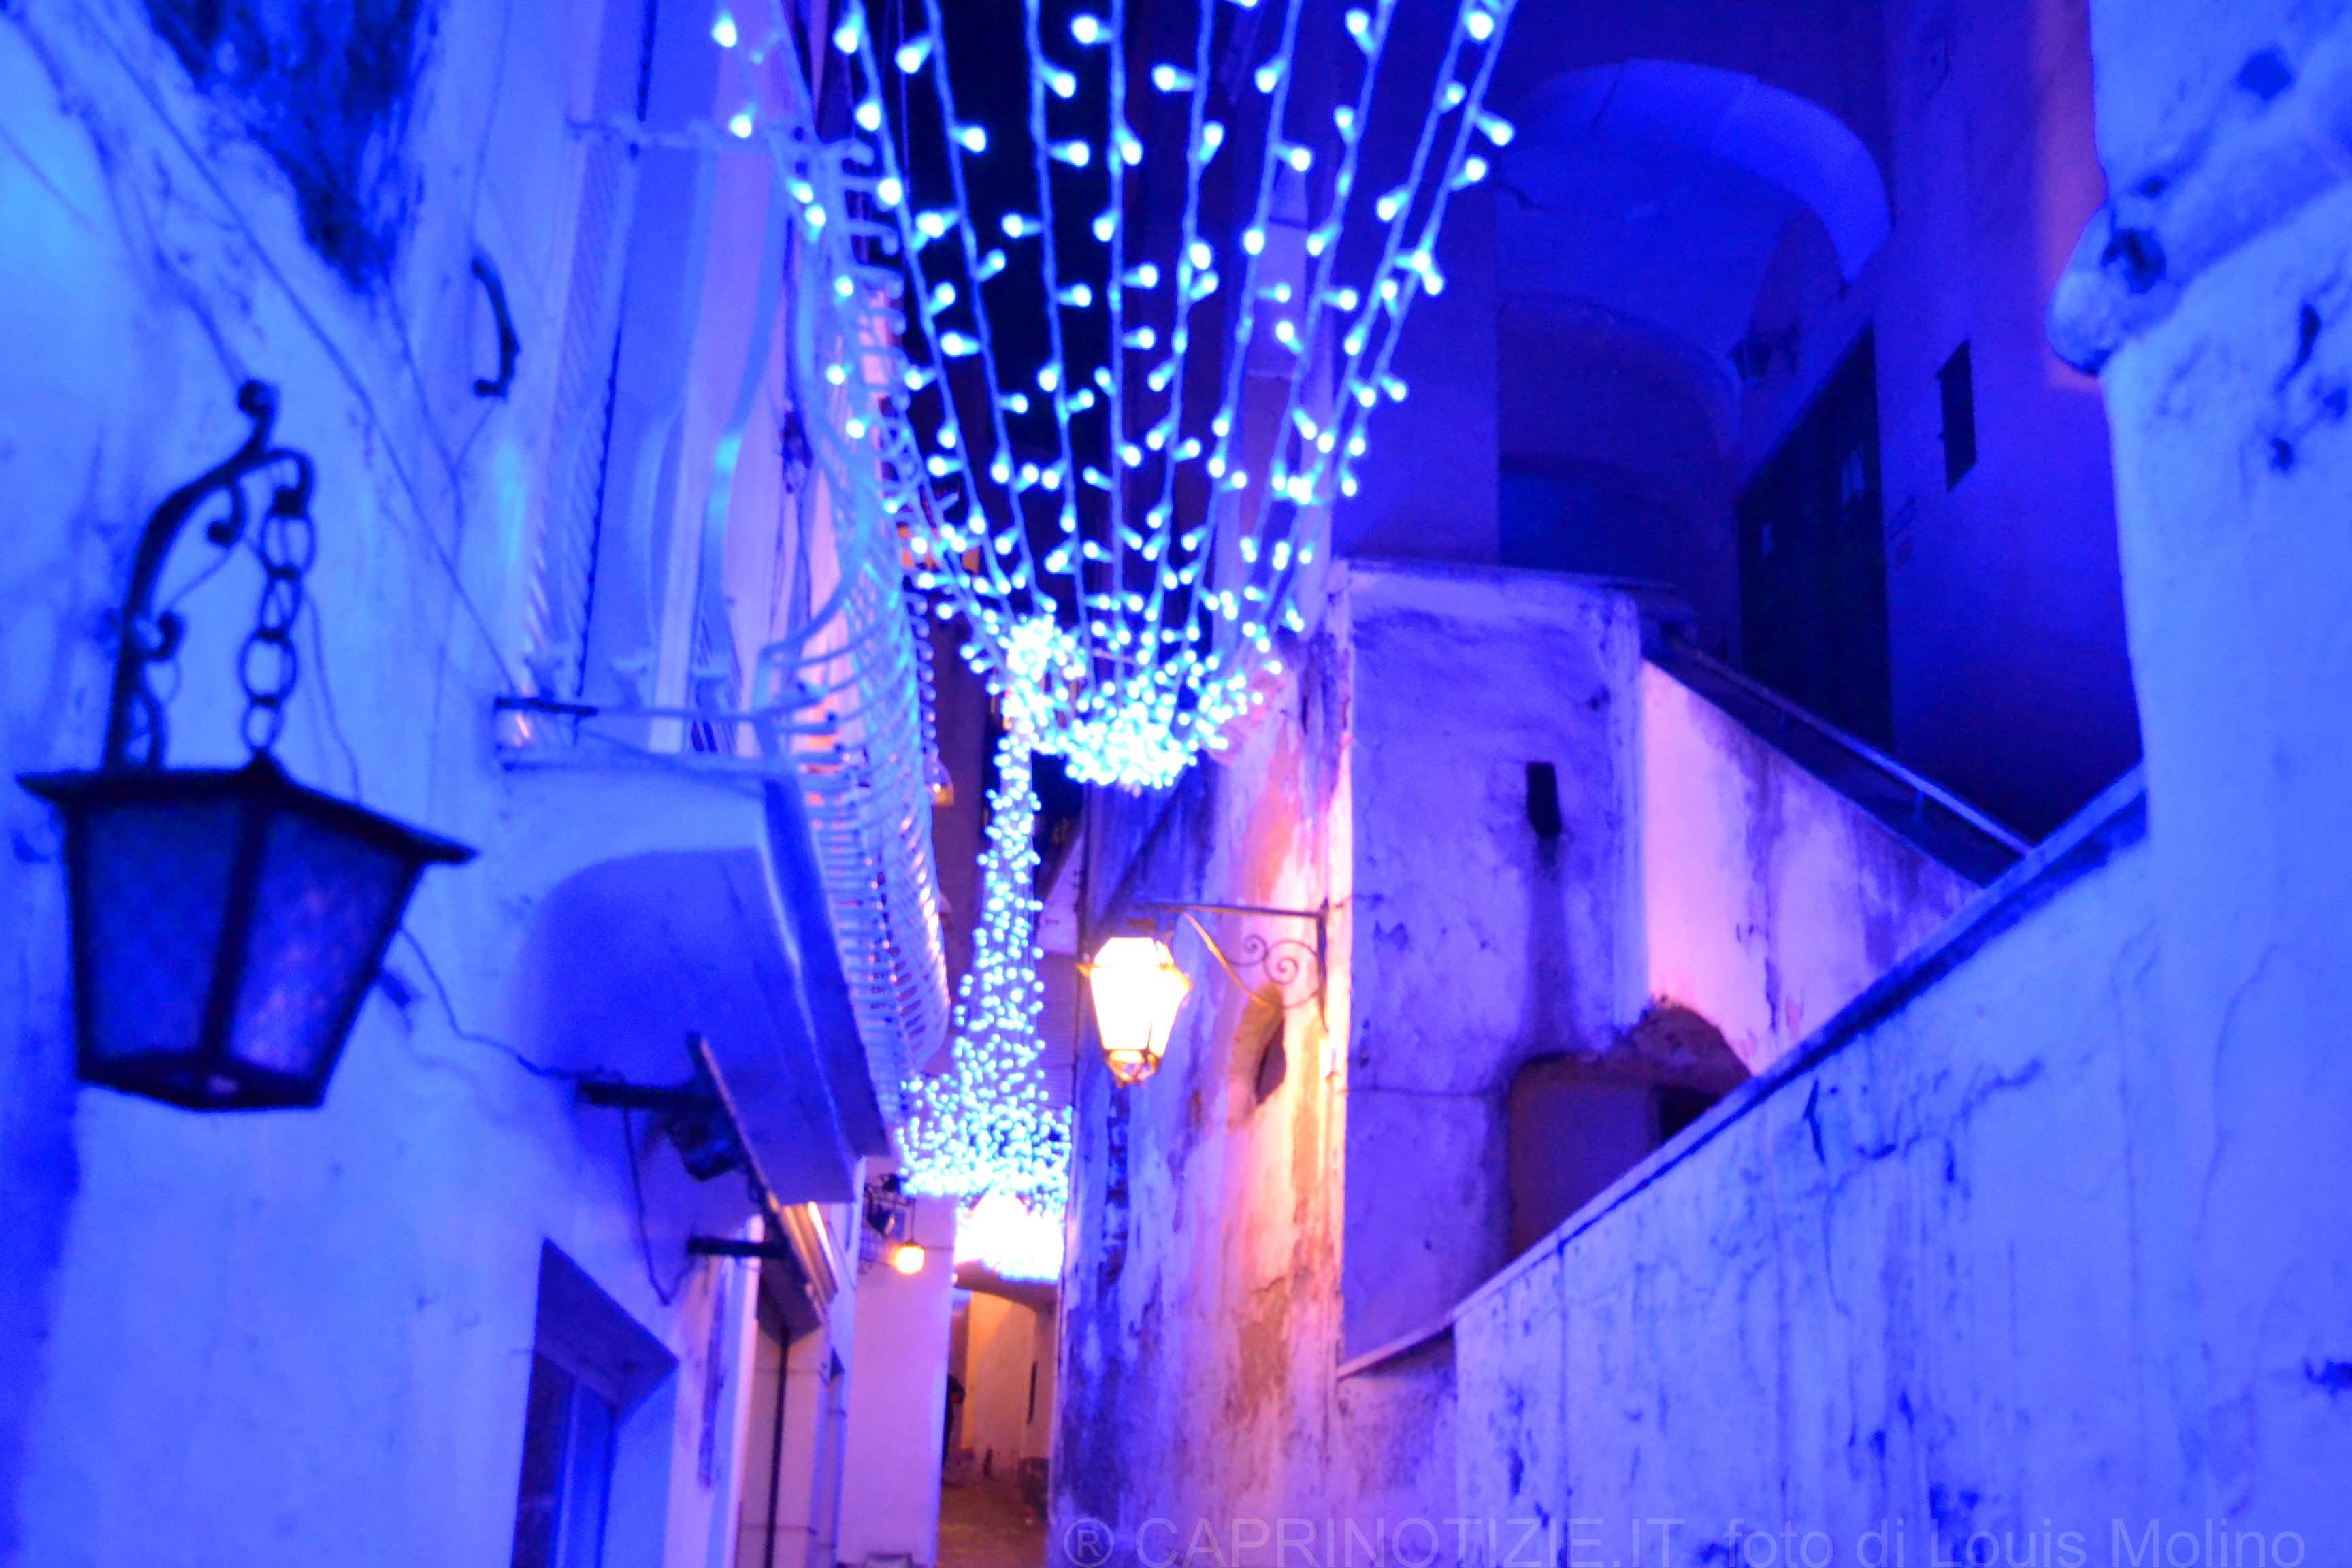 Capri accensione delle luminarie di Natale, sabato 24 novembre